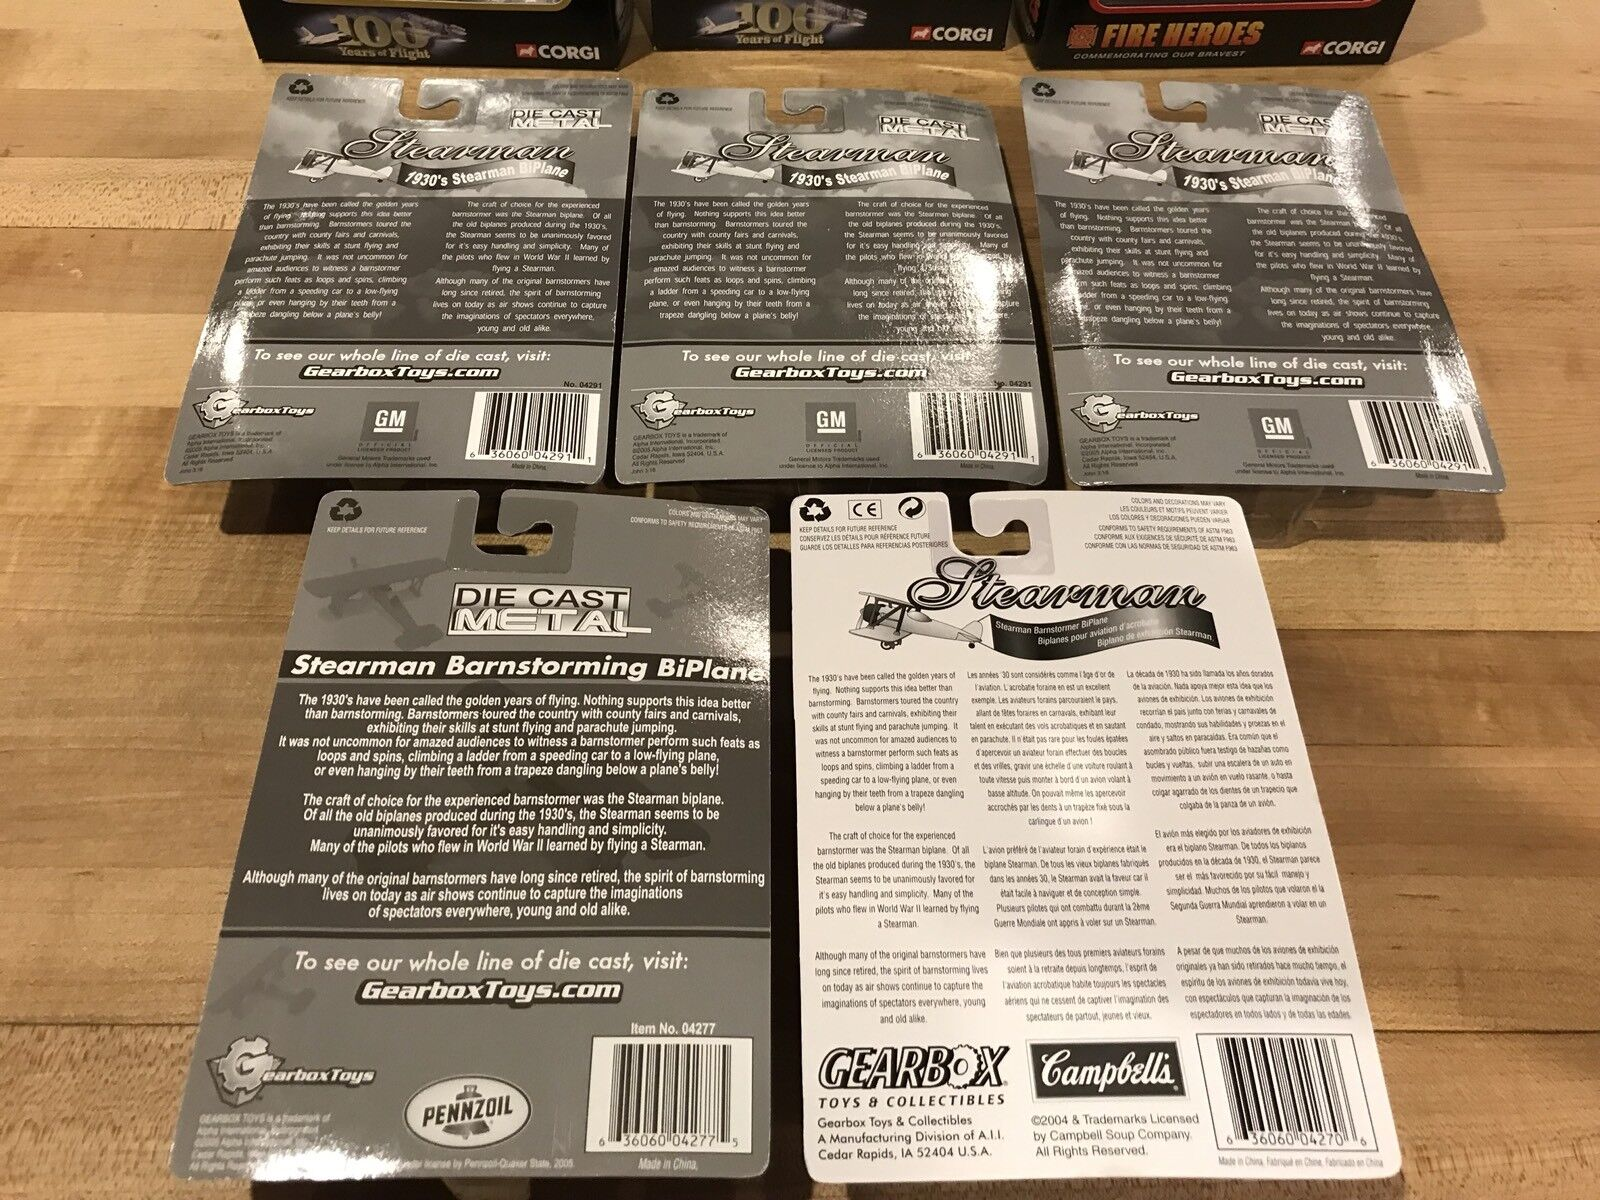 11 spielzeugflieger collectibles... corgi - getriebe hot wheels fun club club club rot box - fotos f235d8